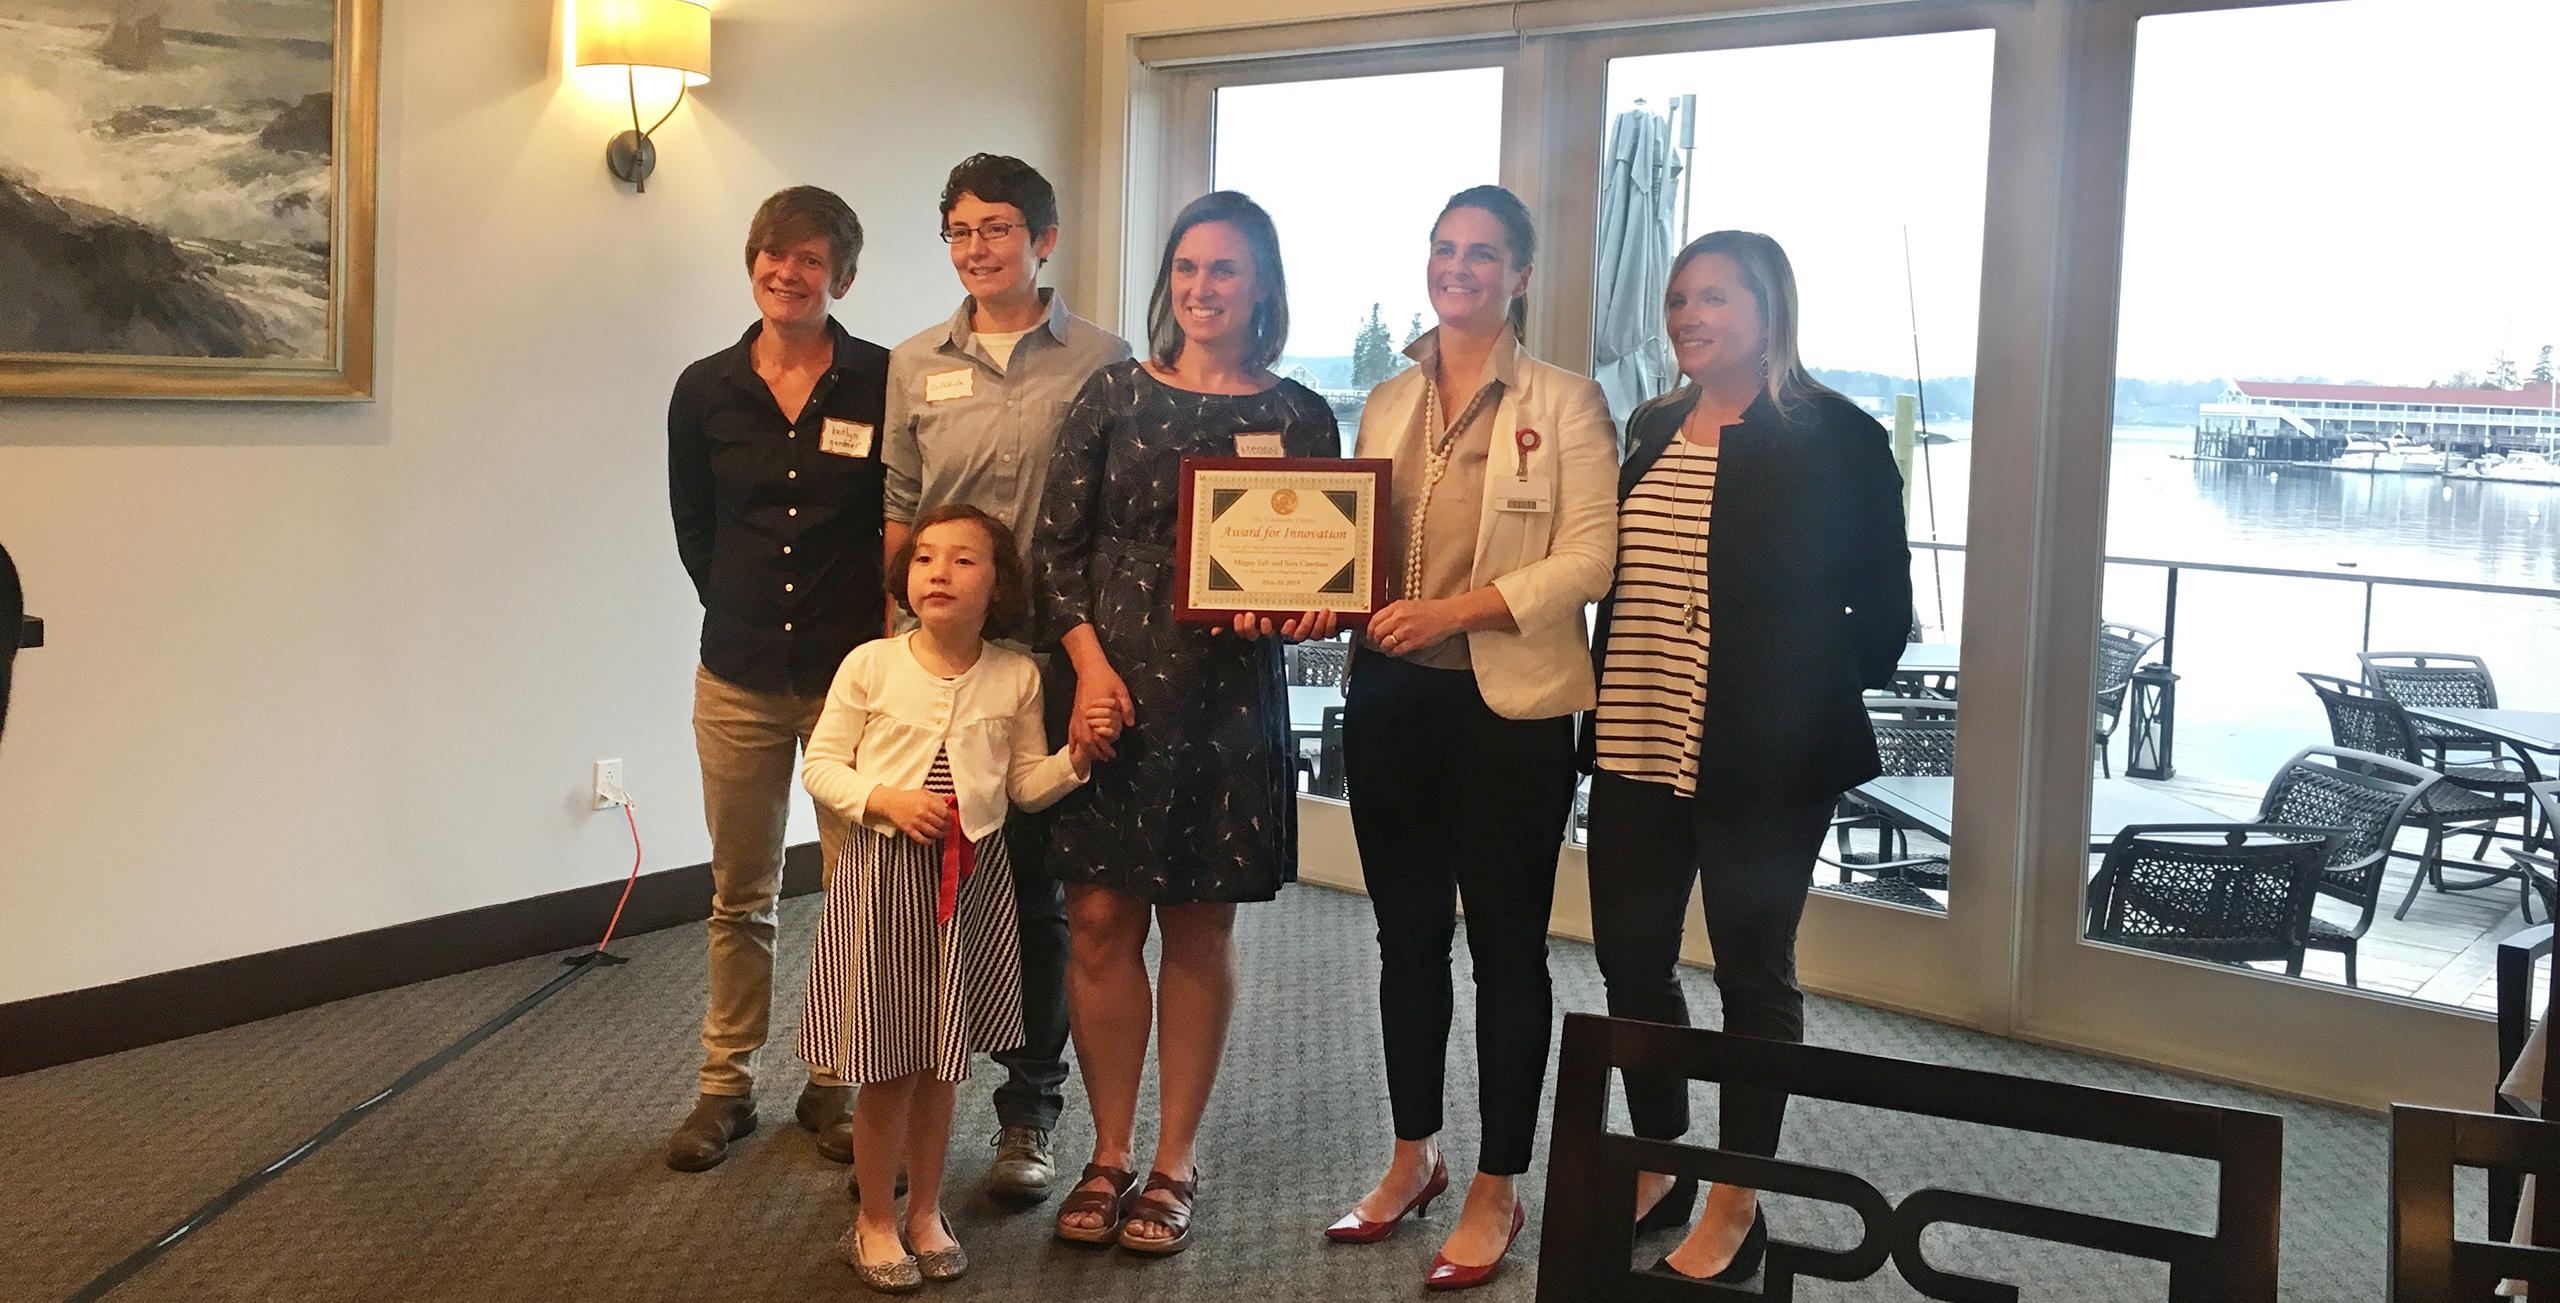 Meg, Sara, Kaitlyn and Adley receiving award